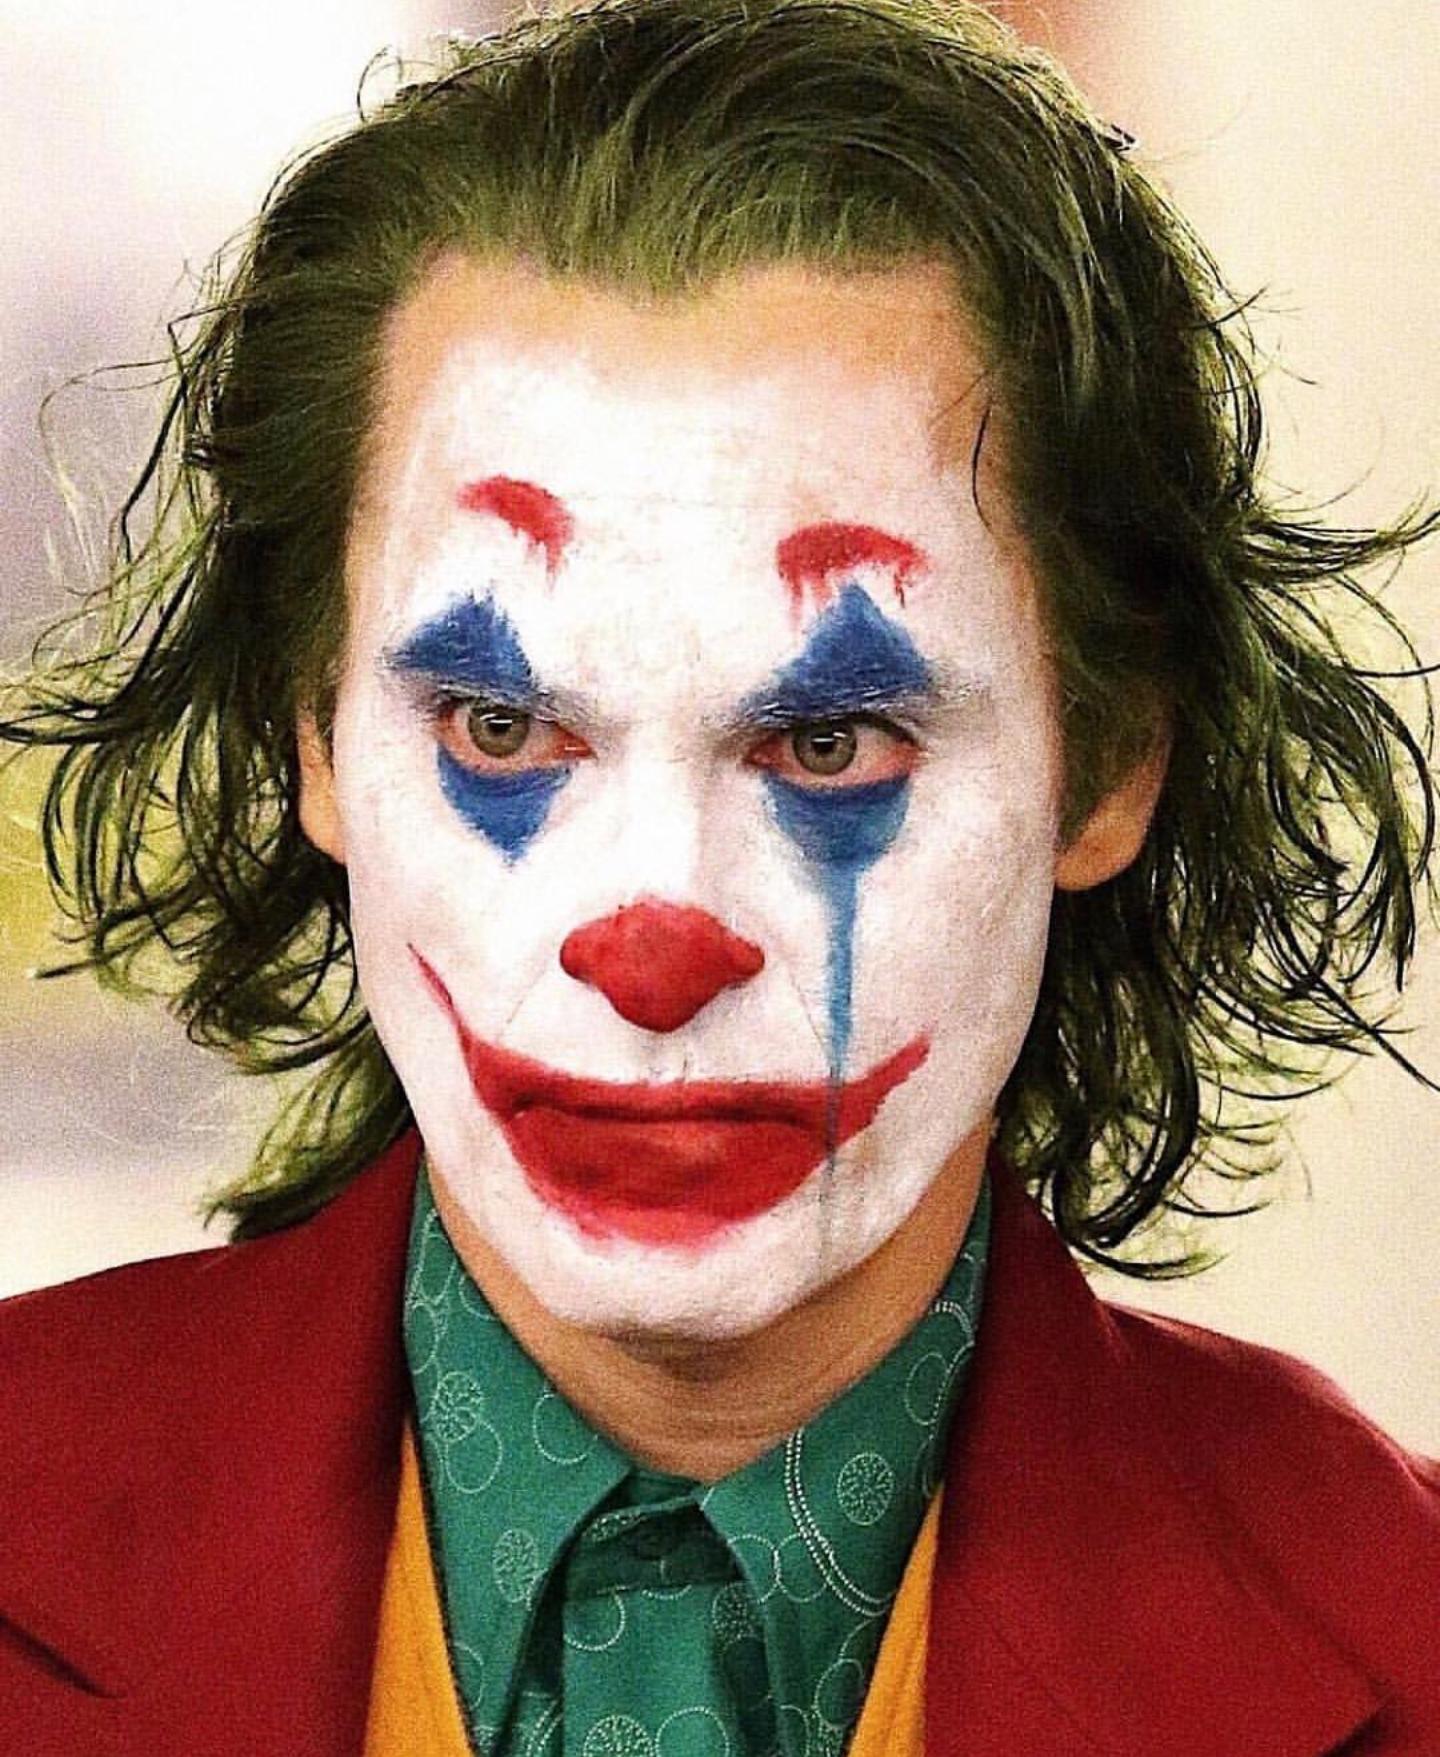 Joker Face Makeup Png